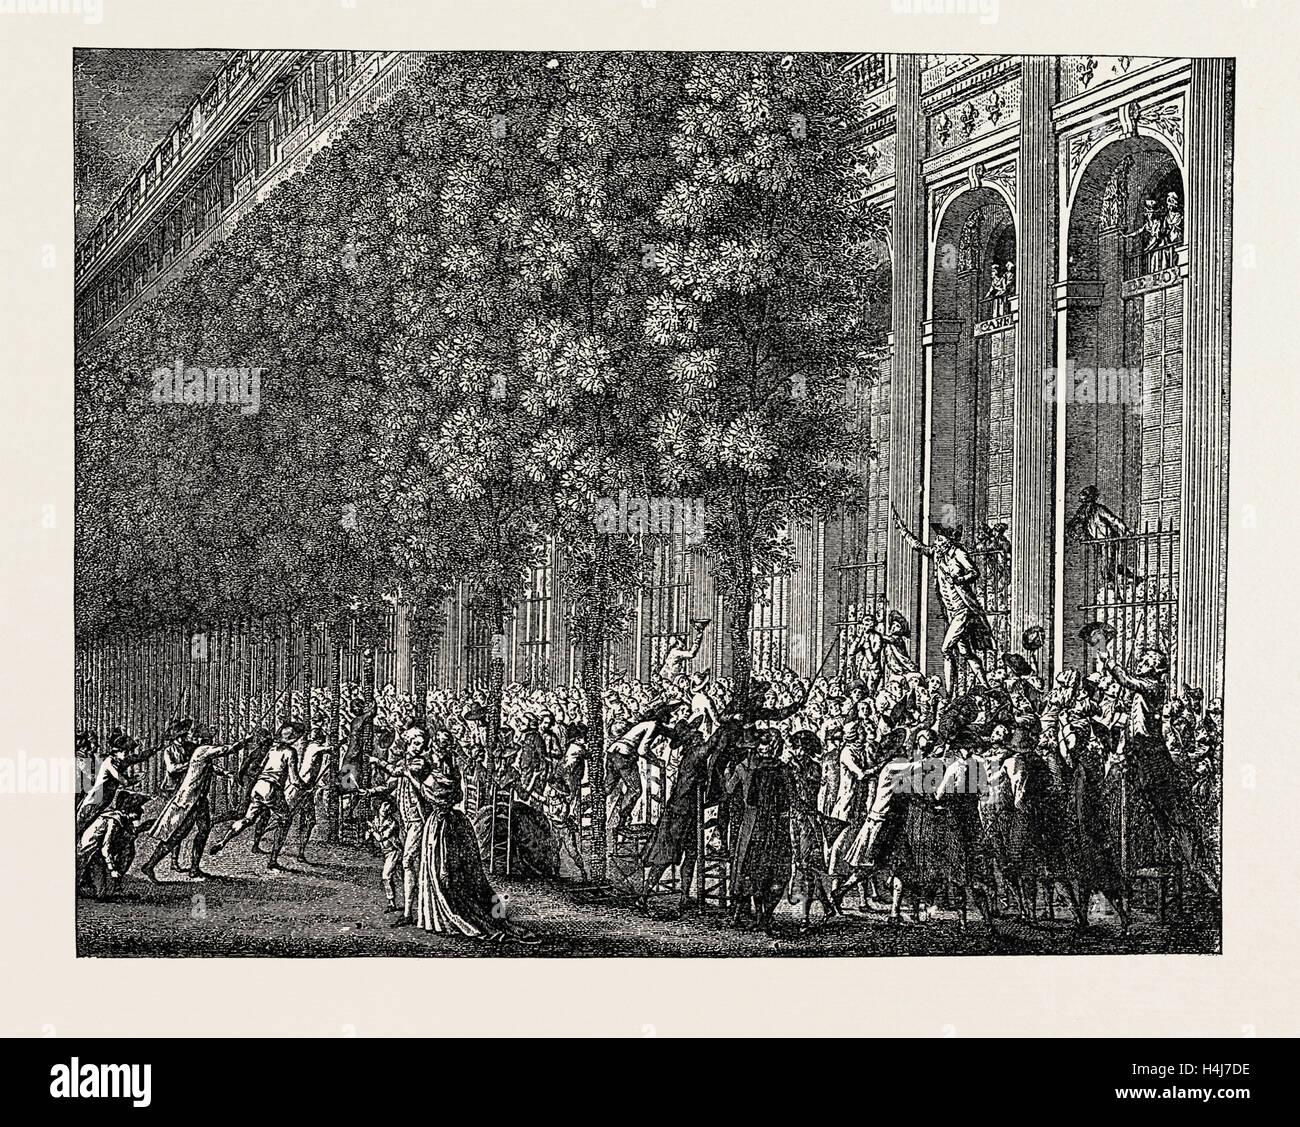 DIE FRANZÖSISCHE REVOLUTION: DESMOULINS RALLYE DIE LEUTE AUS DEM CAFÉ DE FOY, IM PALAIS ROYAL, 12. JULI Stockbild